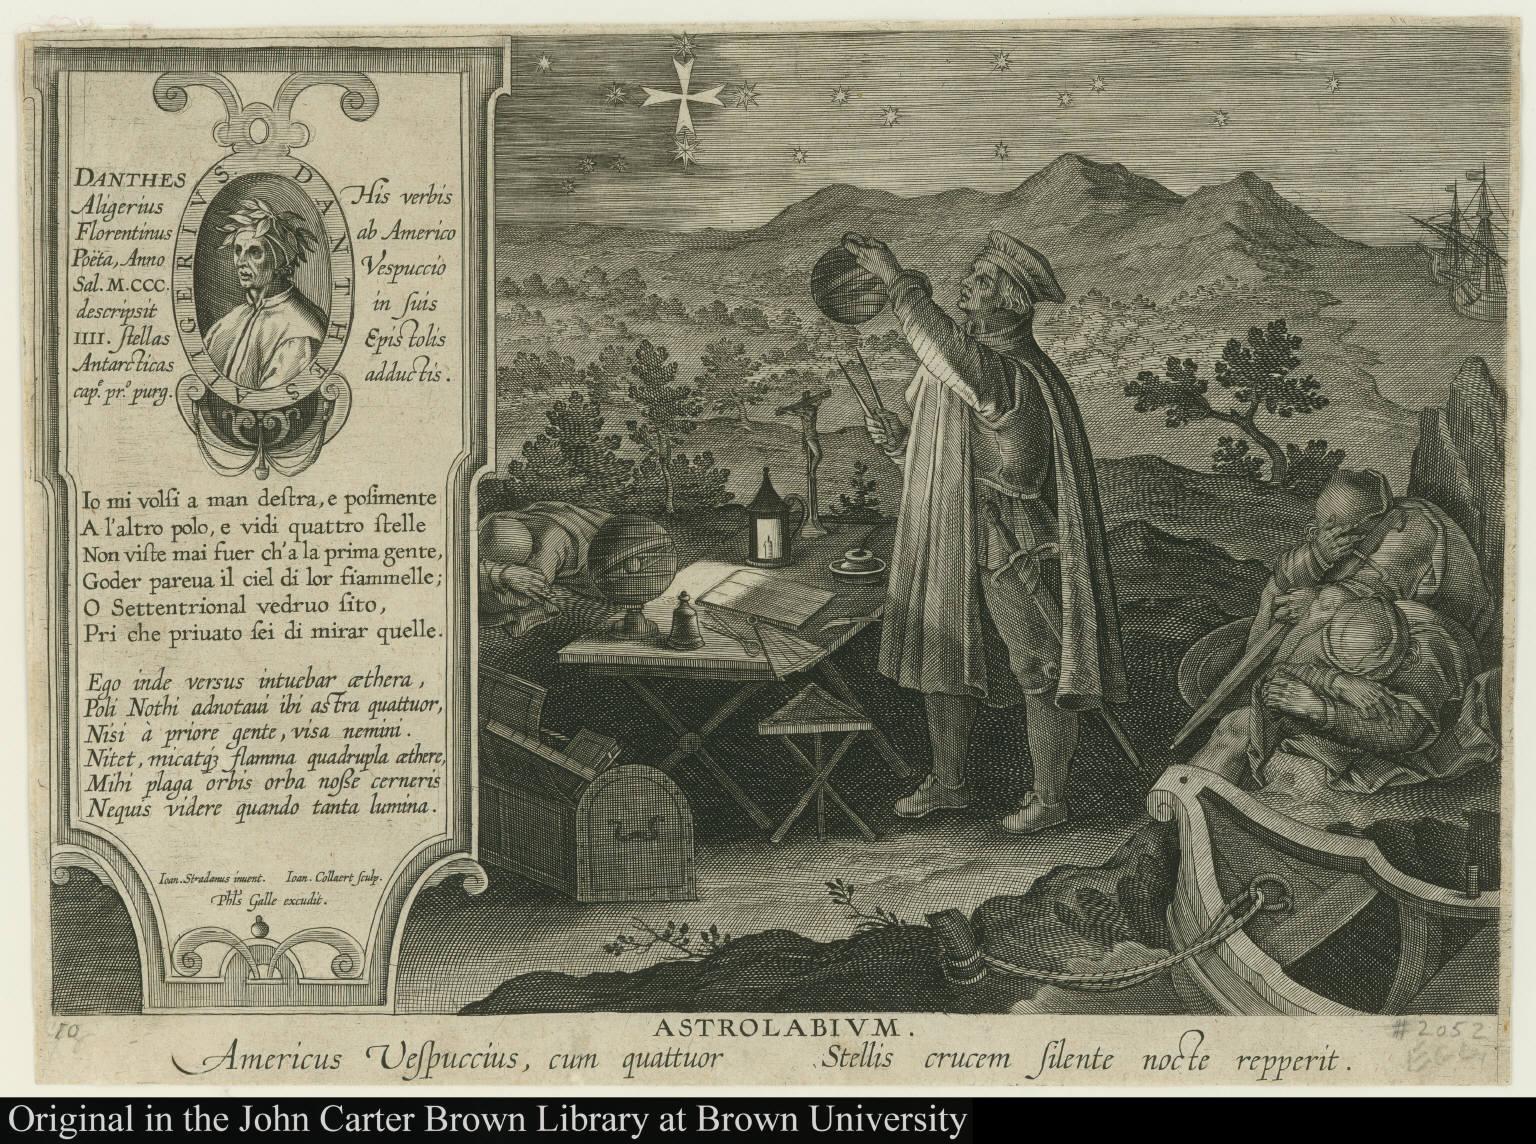 Astrolabium. Americus Vespuccius, cum quattuor Stellis crucem silente nocte repperit.